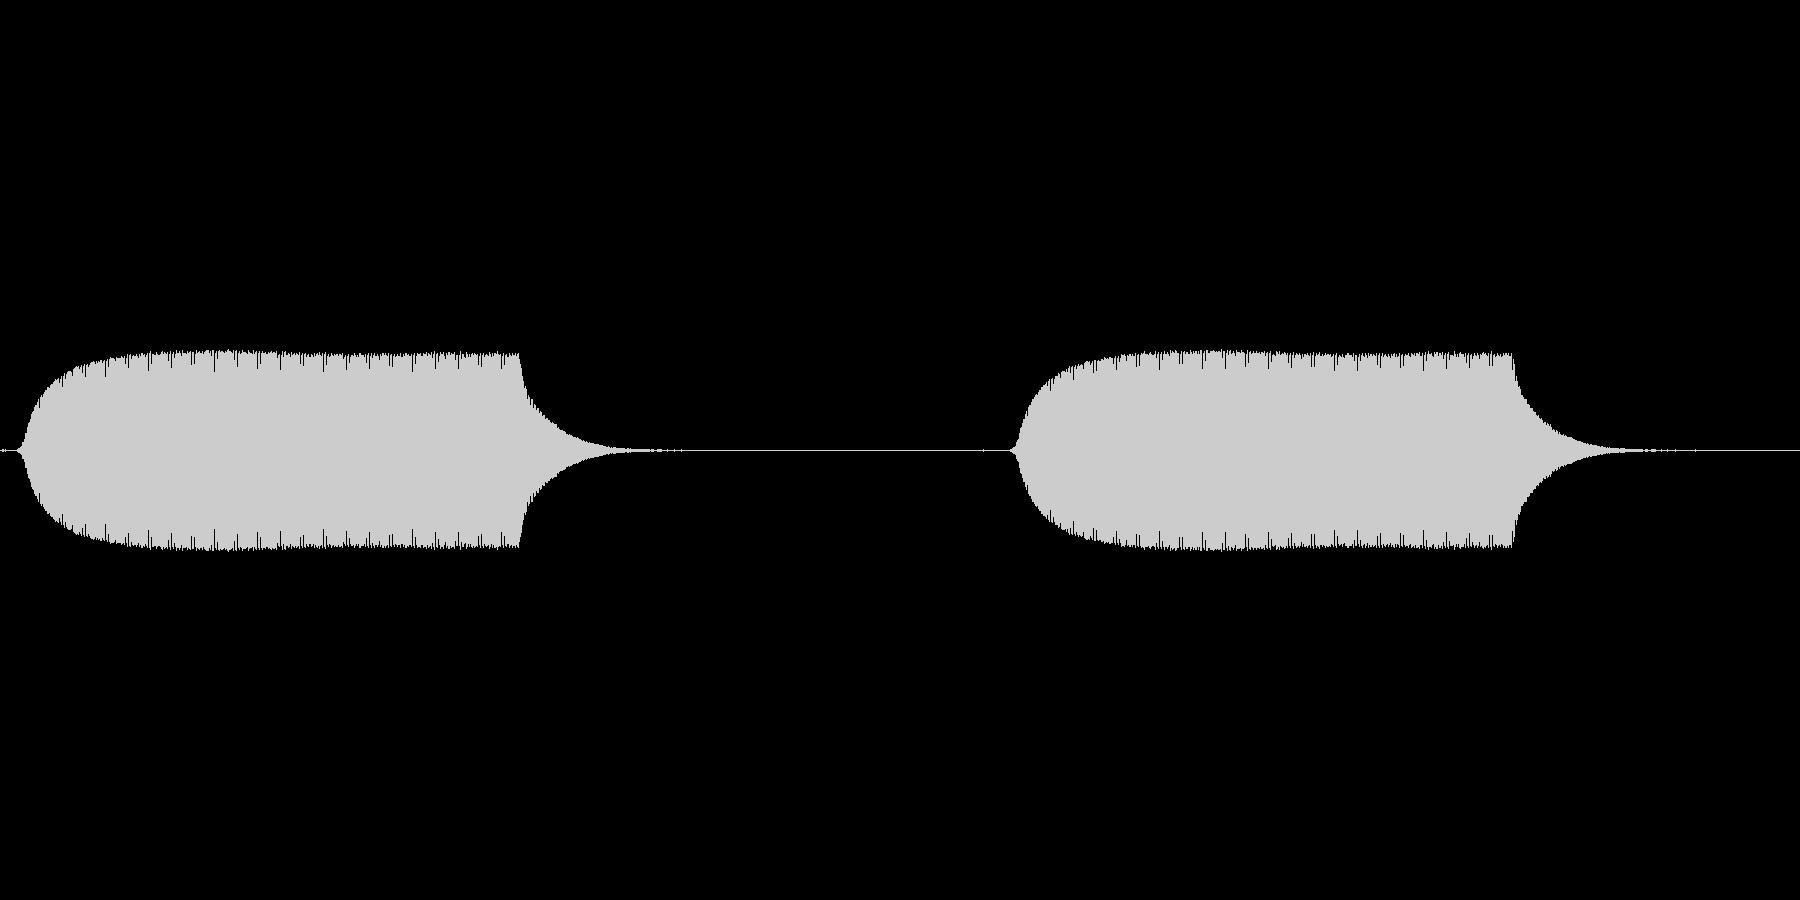 スマフォ バイブレーションの未再生の波形